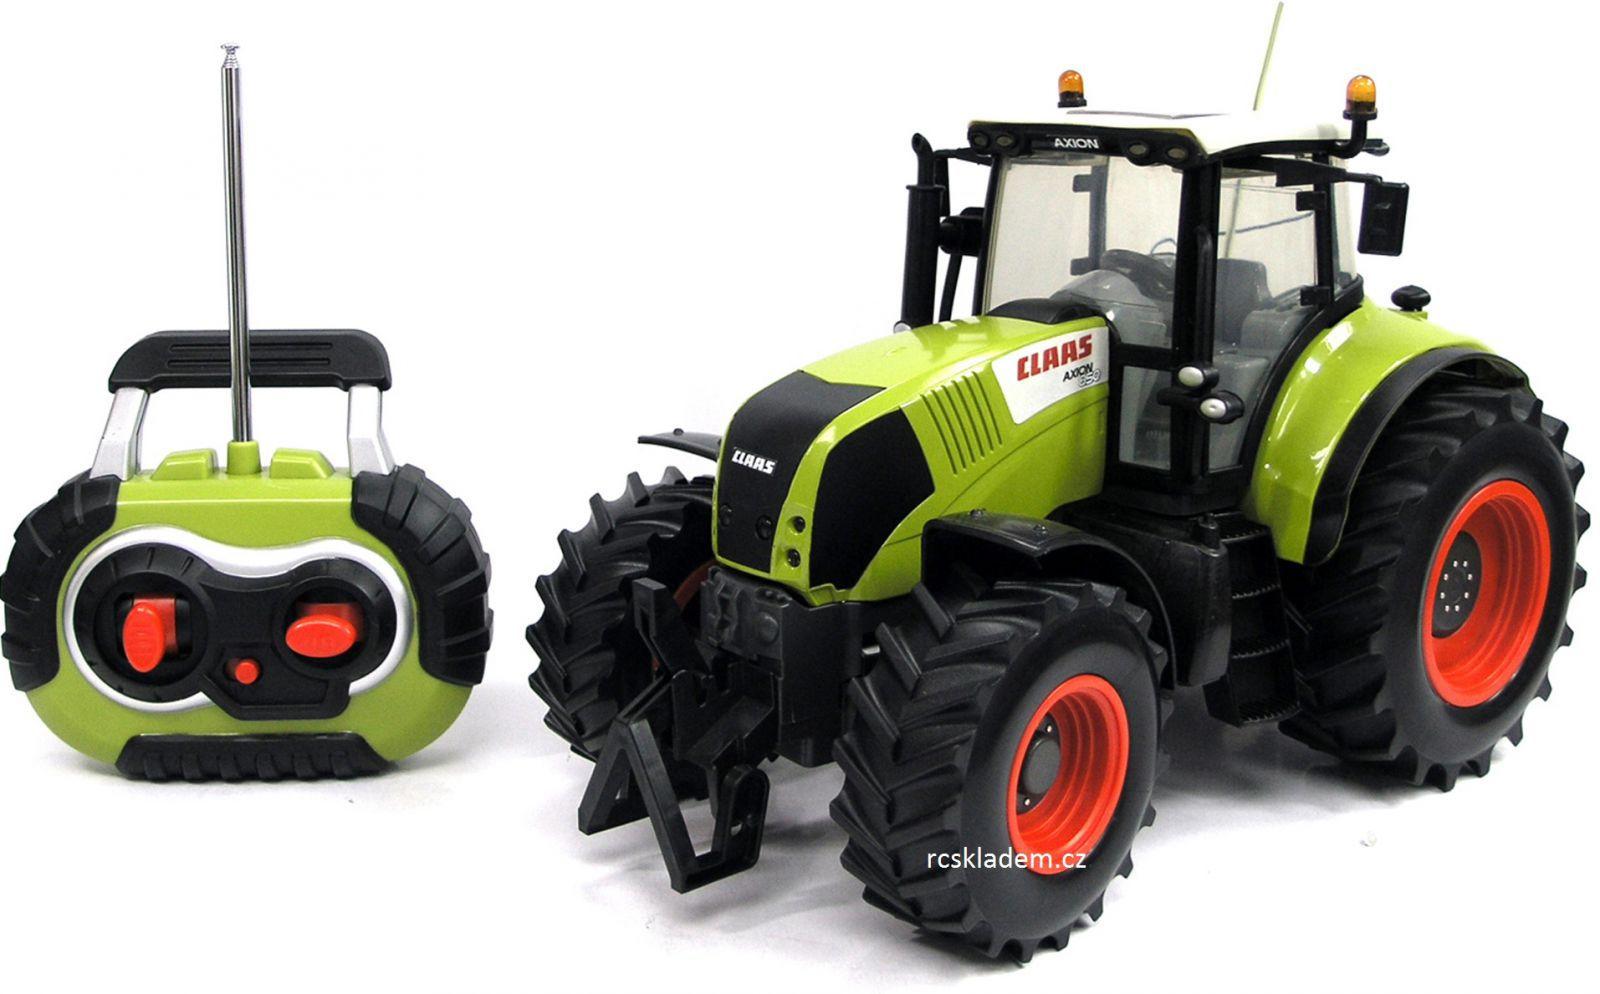 Traktor Axion 850 Claas